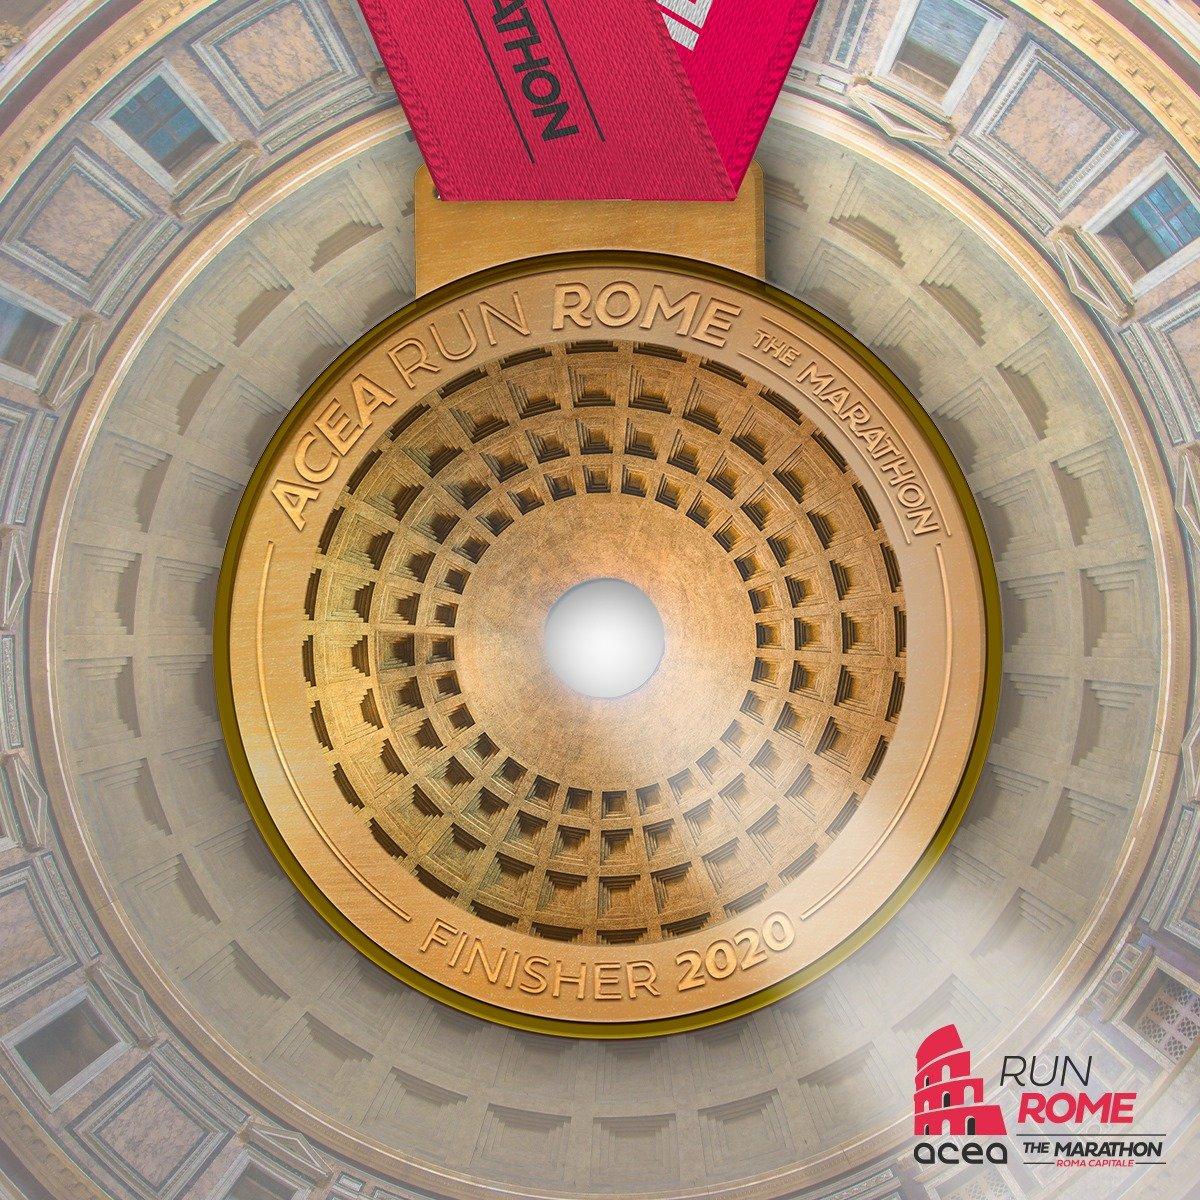 medalla maraton de roma.